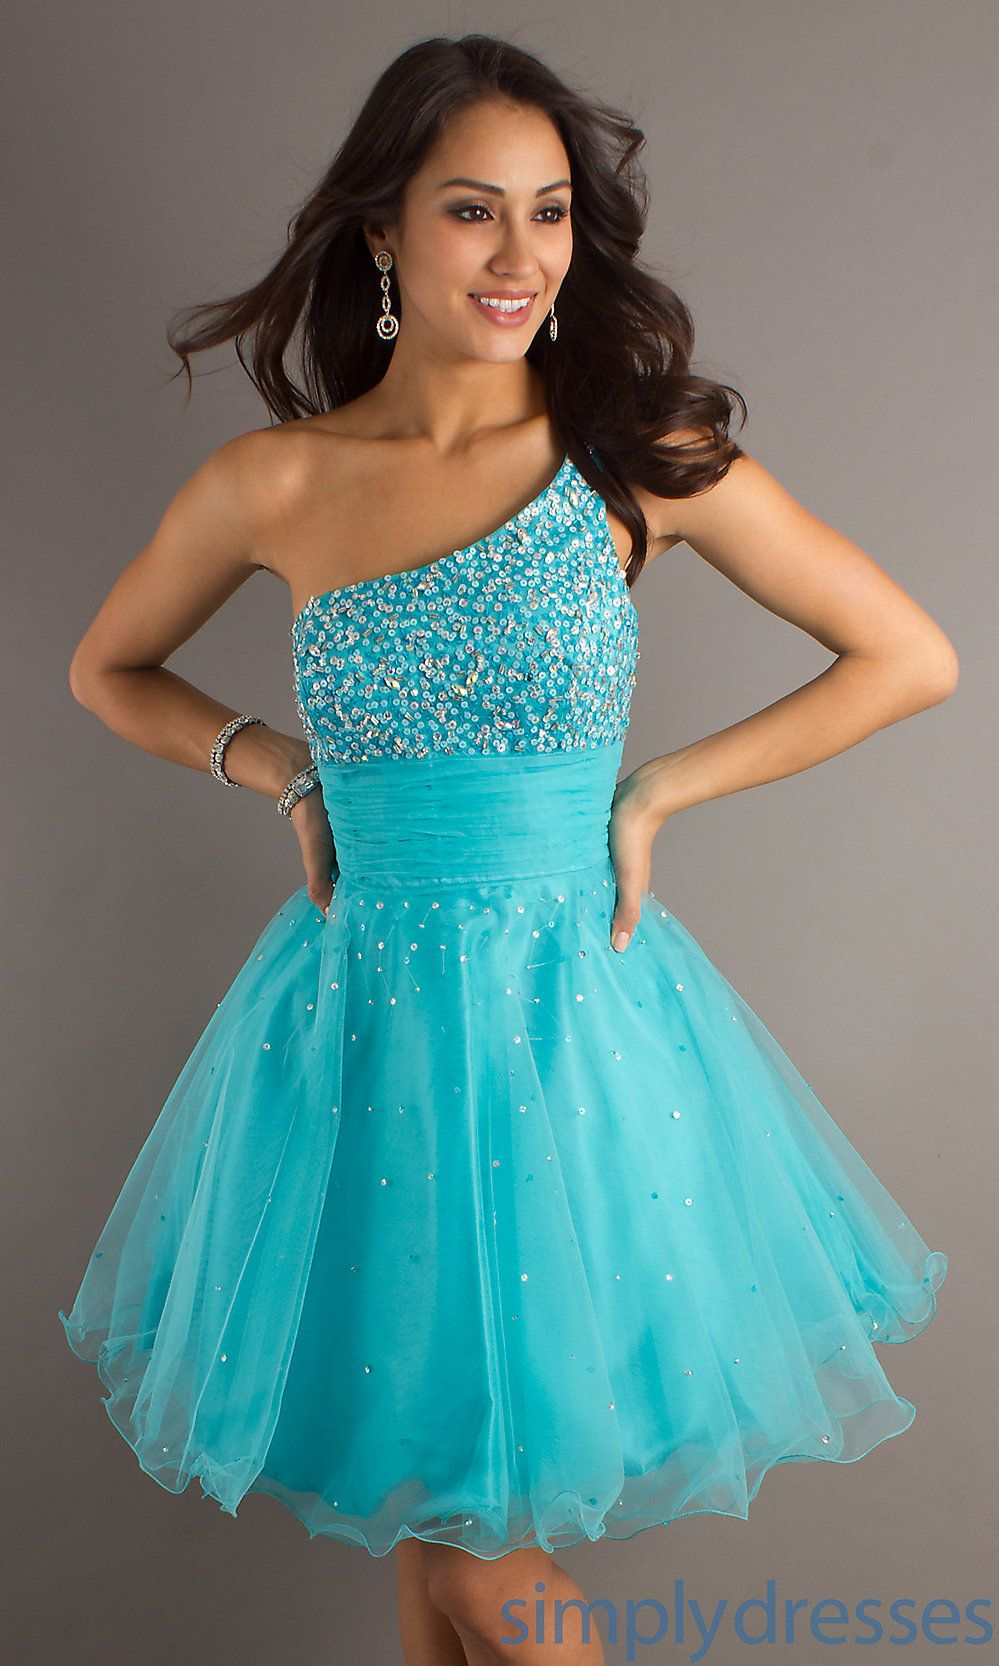 blue short dresses - Google Search | fancy dresses | Pinterest ...